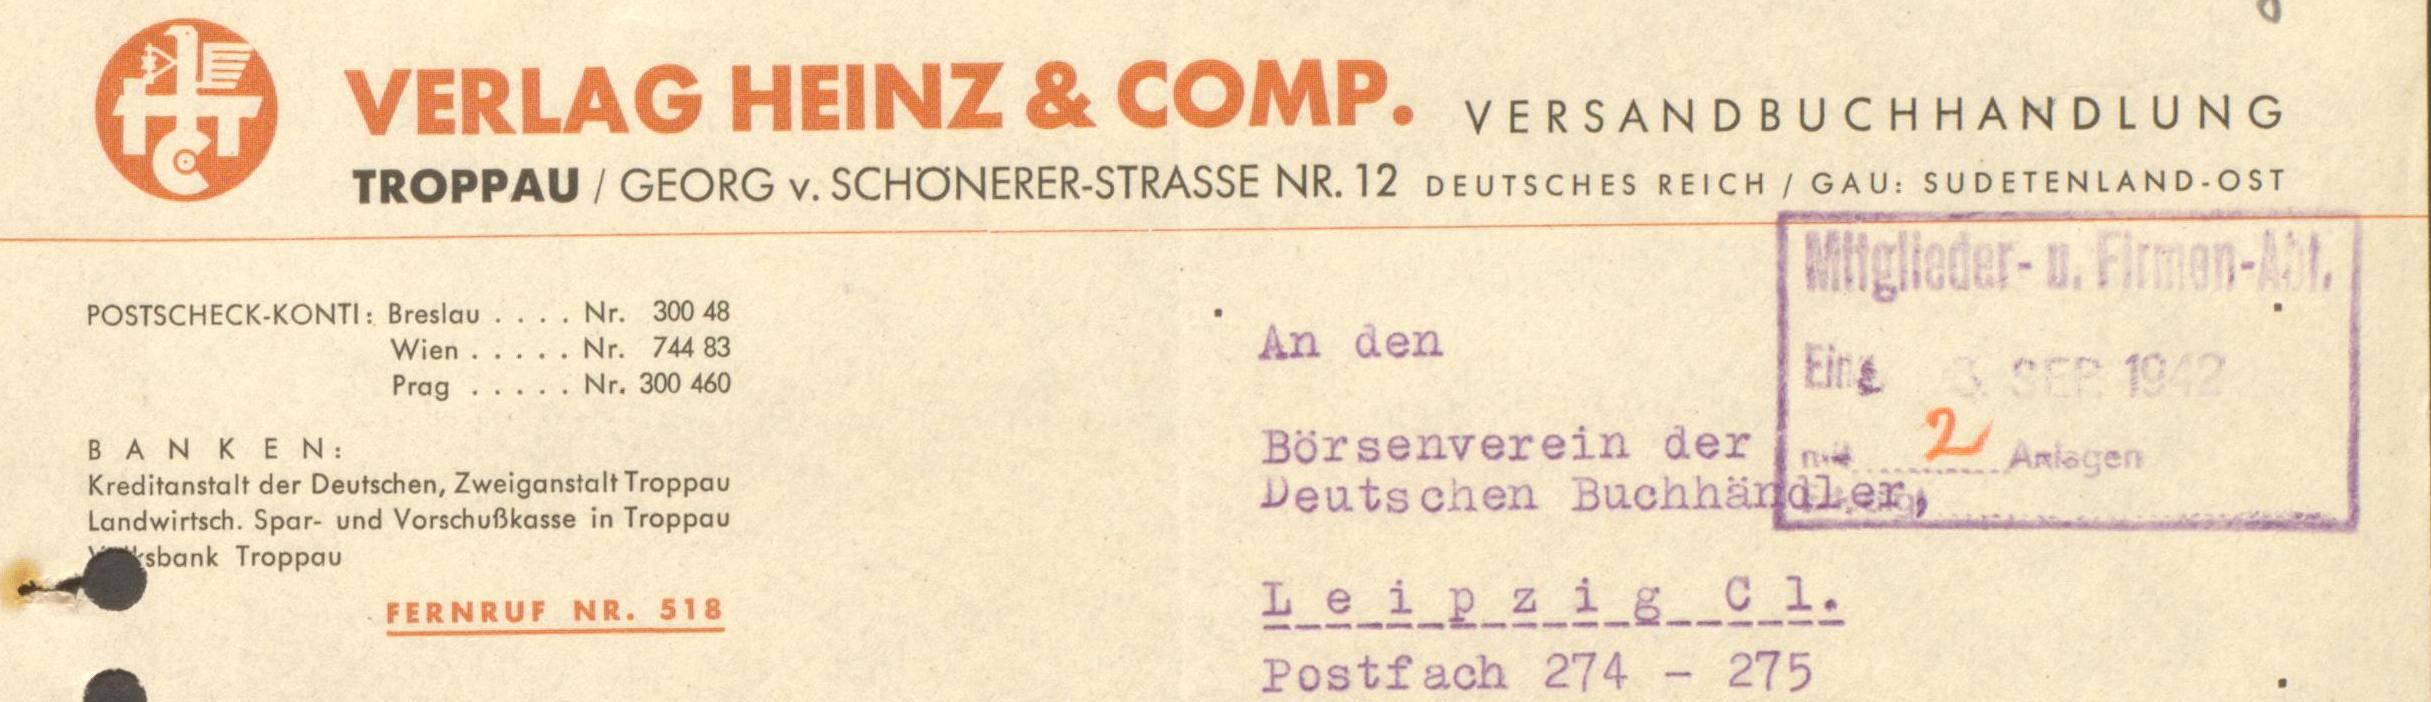 Heinz und Comp Briefkopf 2